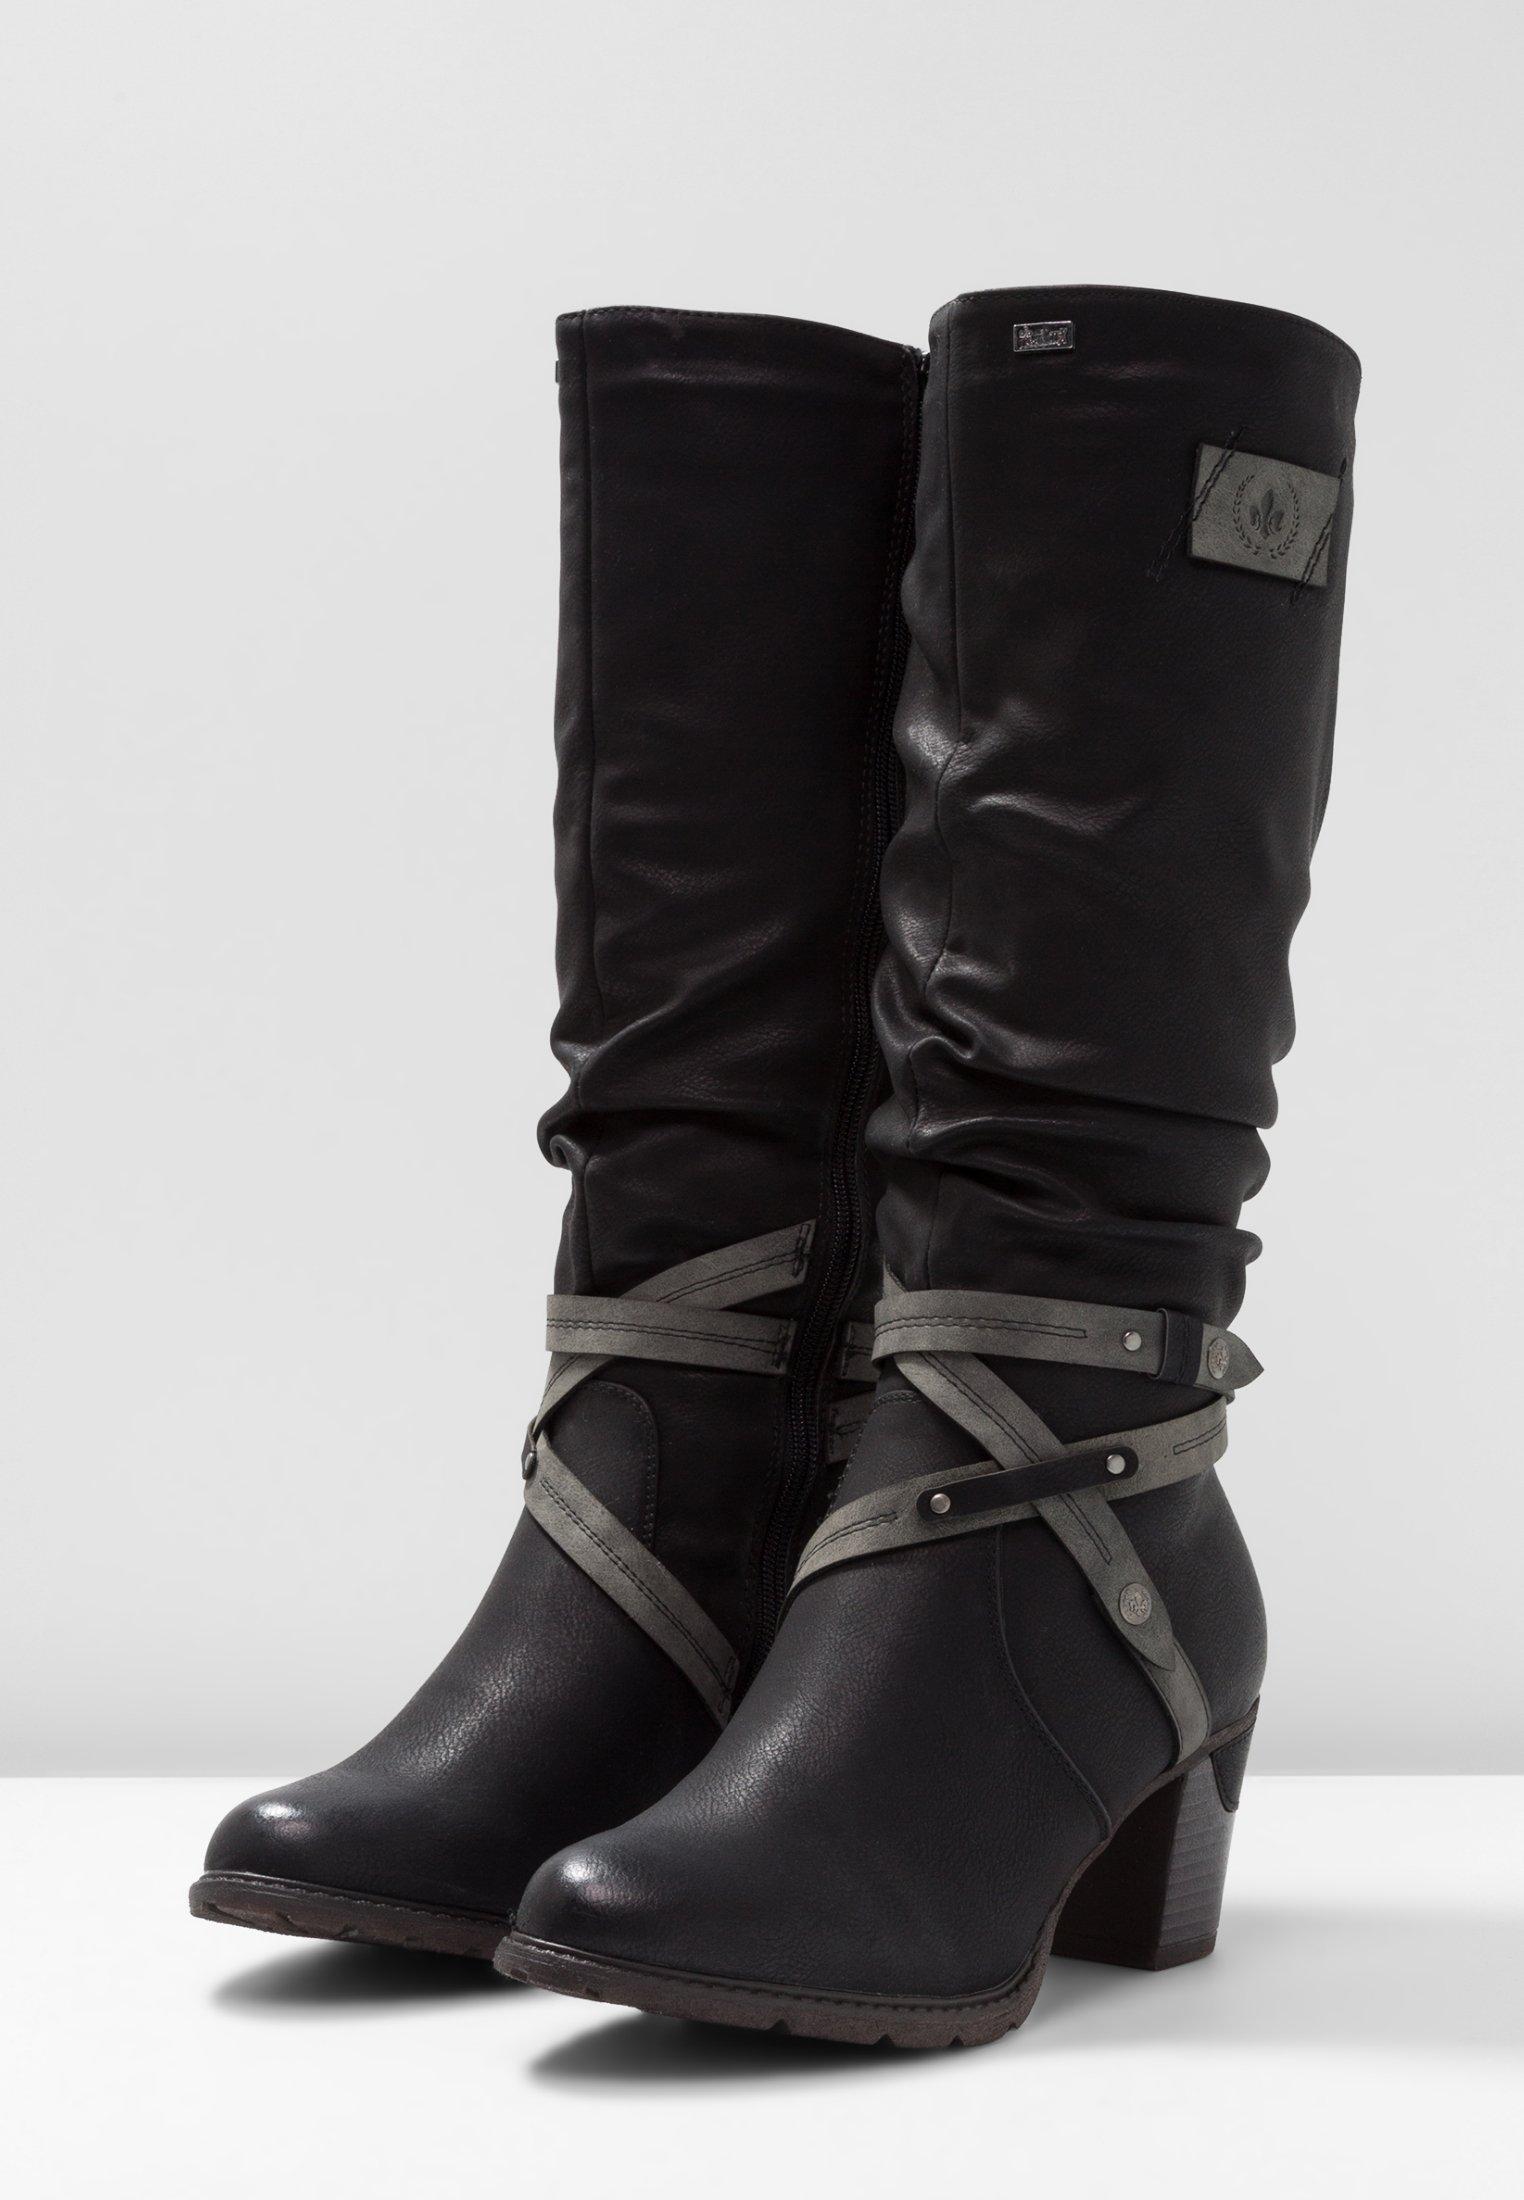 Shopping Official Site Women's Shoes Rieker Winter boots schwarz ecbeHfRnw x893VdDZ8